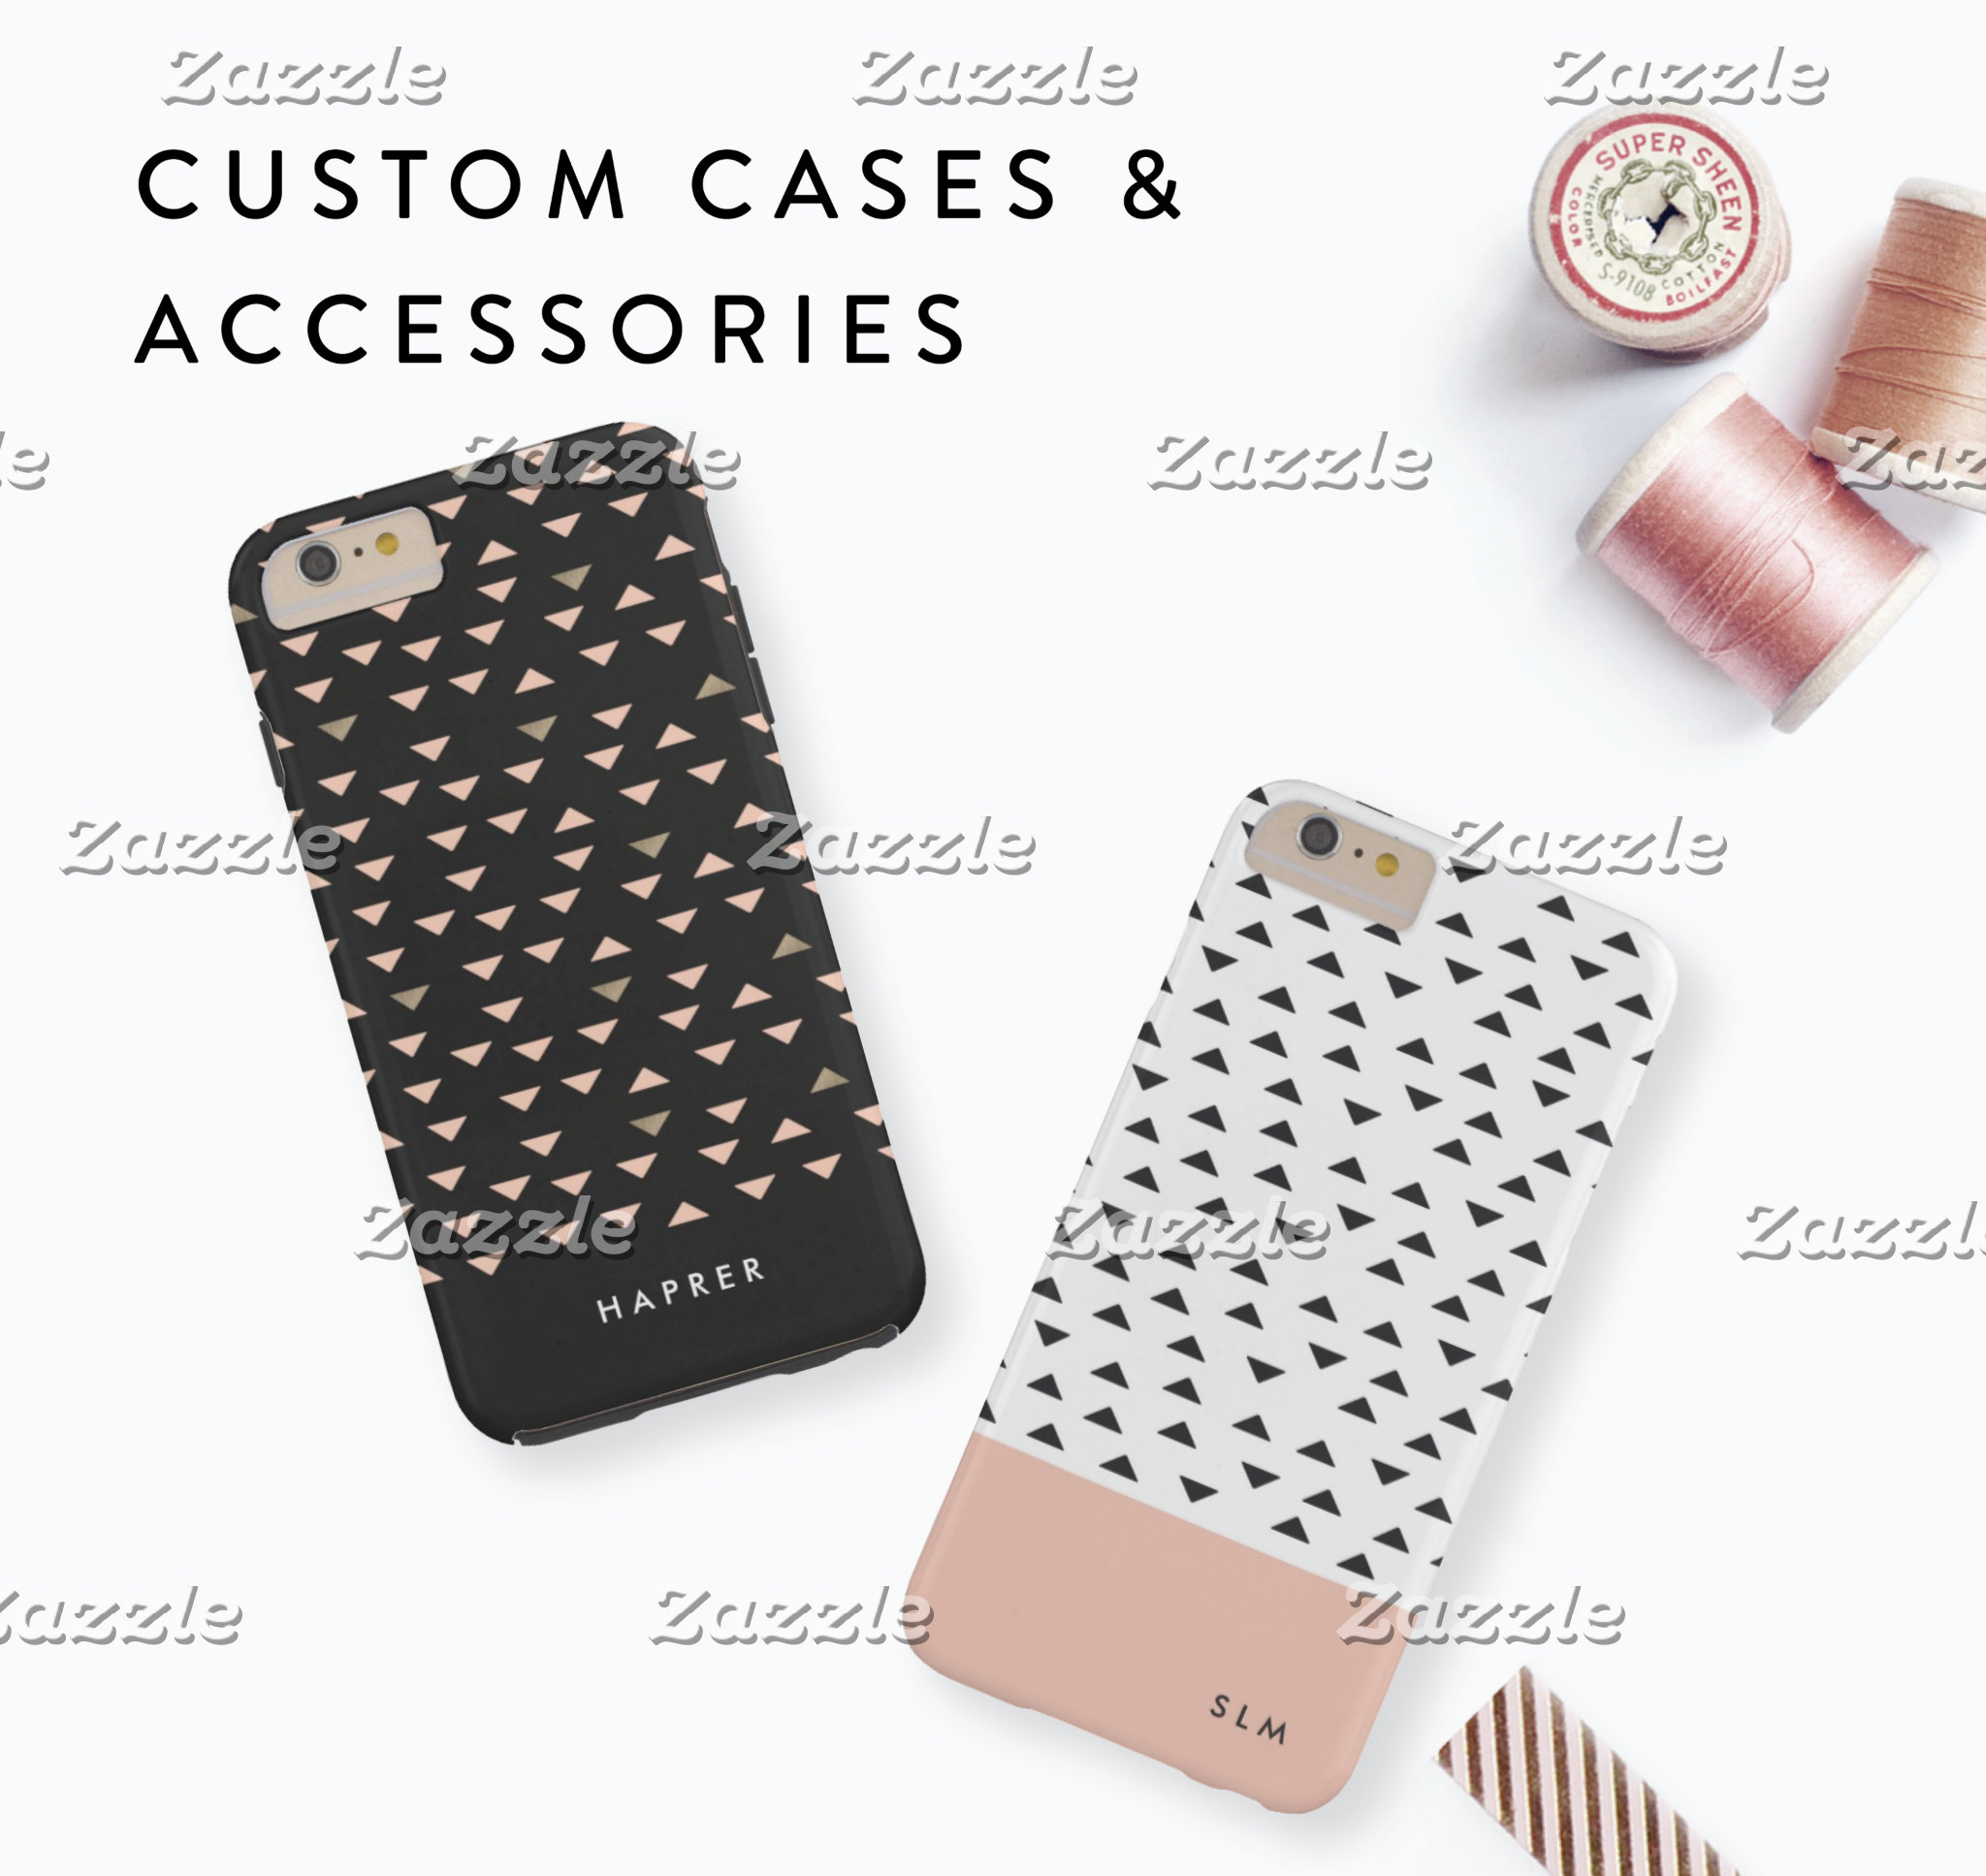 Custom Cases & Accessories